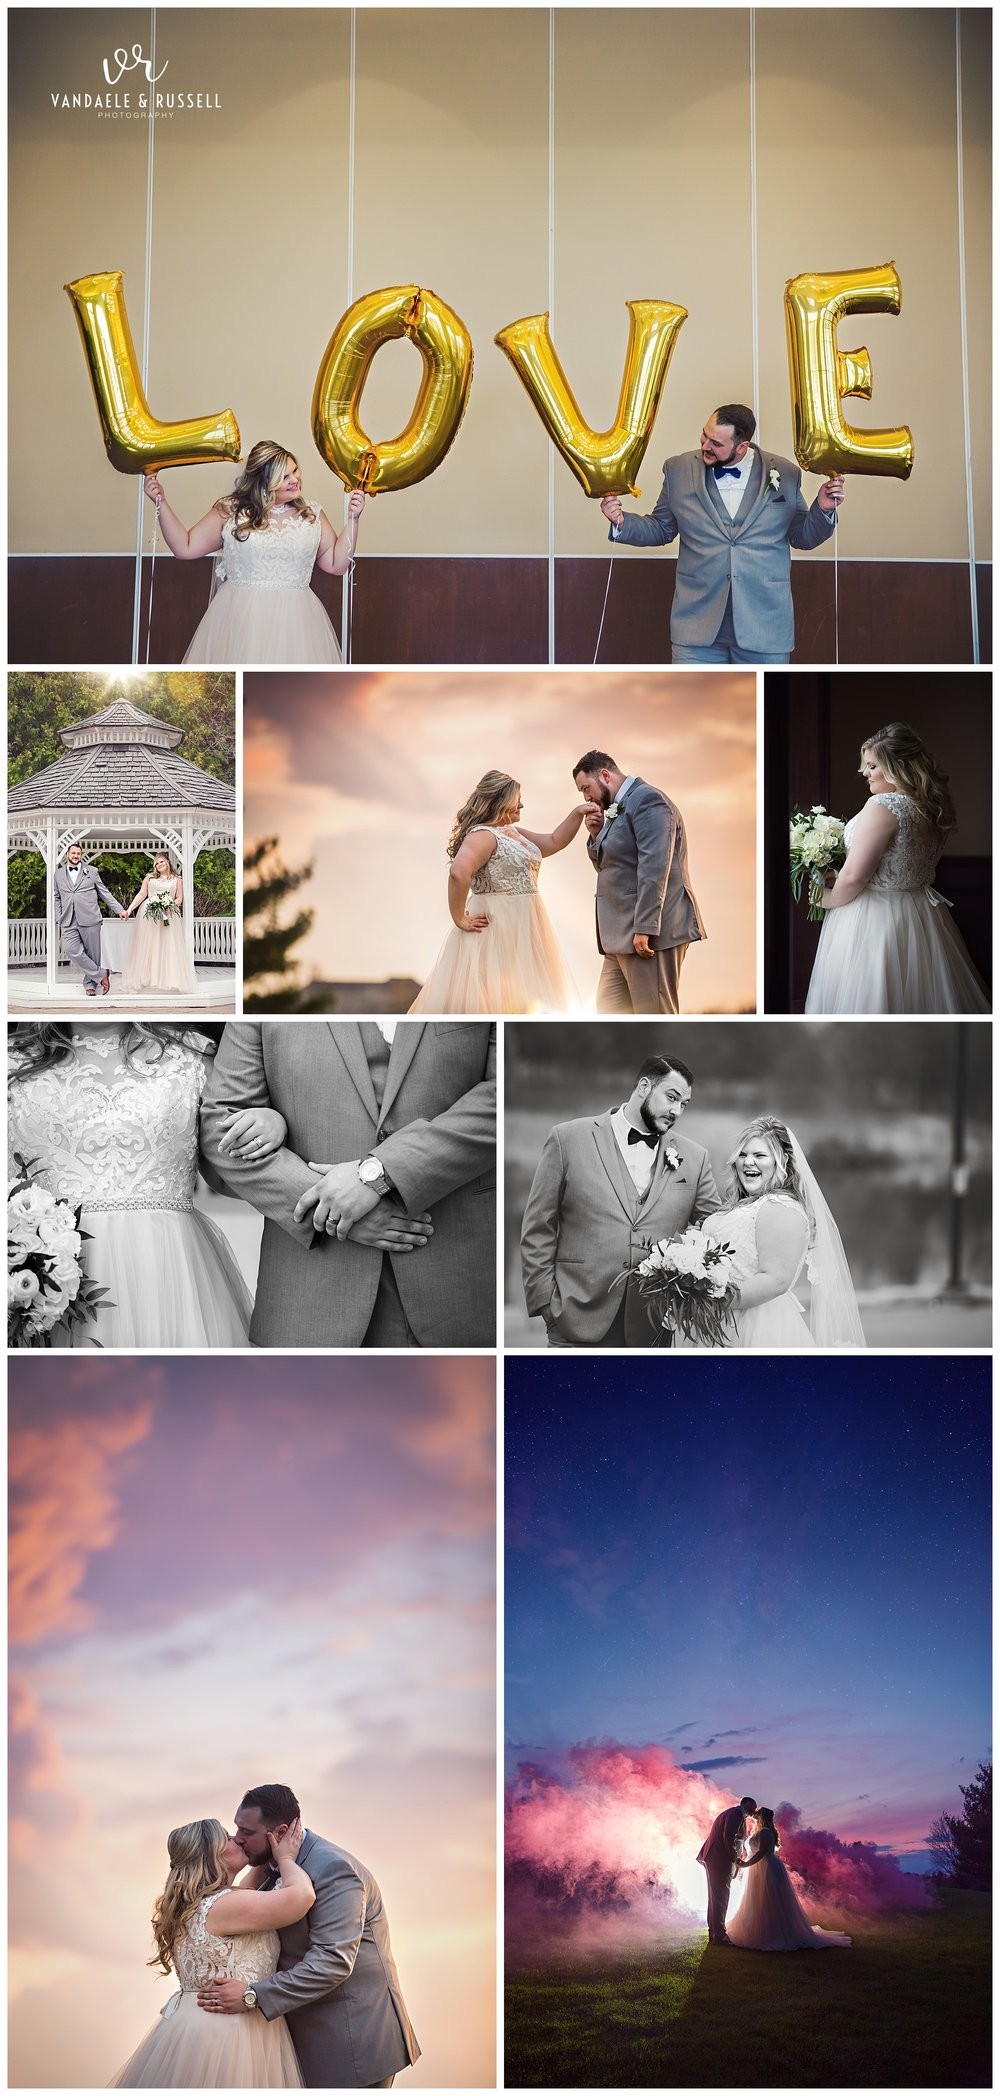 Deer Creek Golf & Country Club, Ajax Ontario wedding photography by VanDaele & Russell